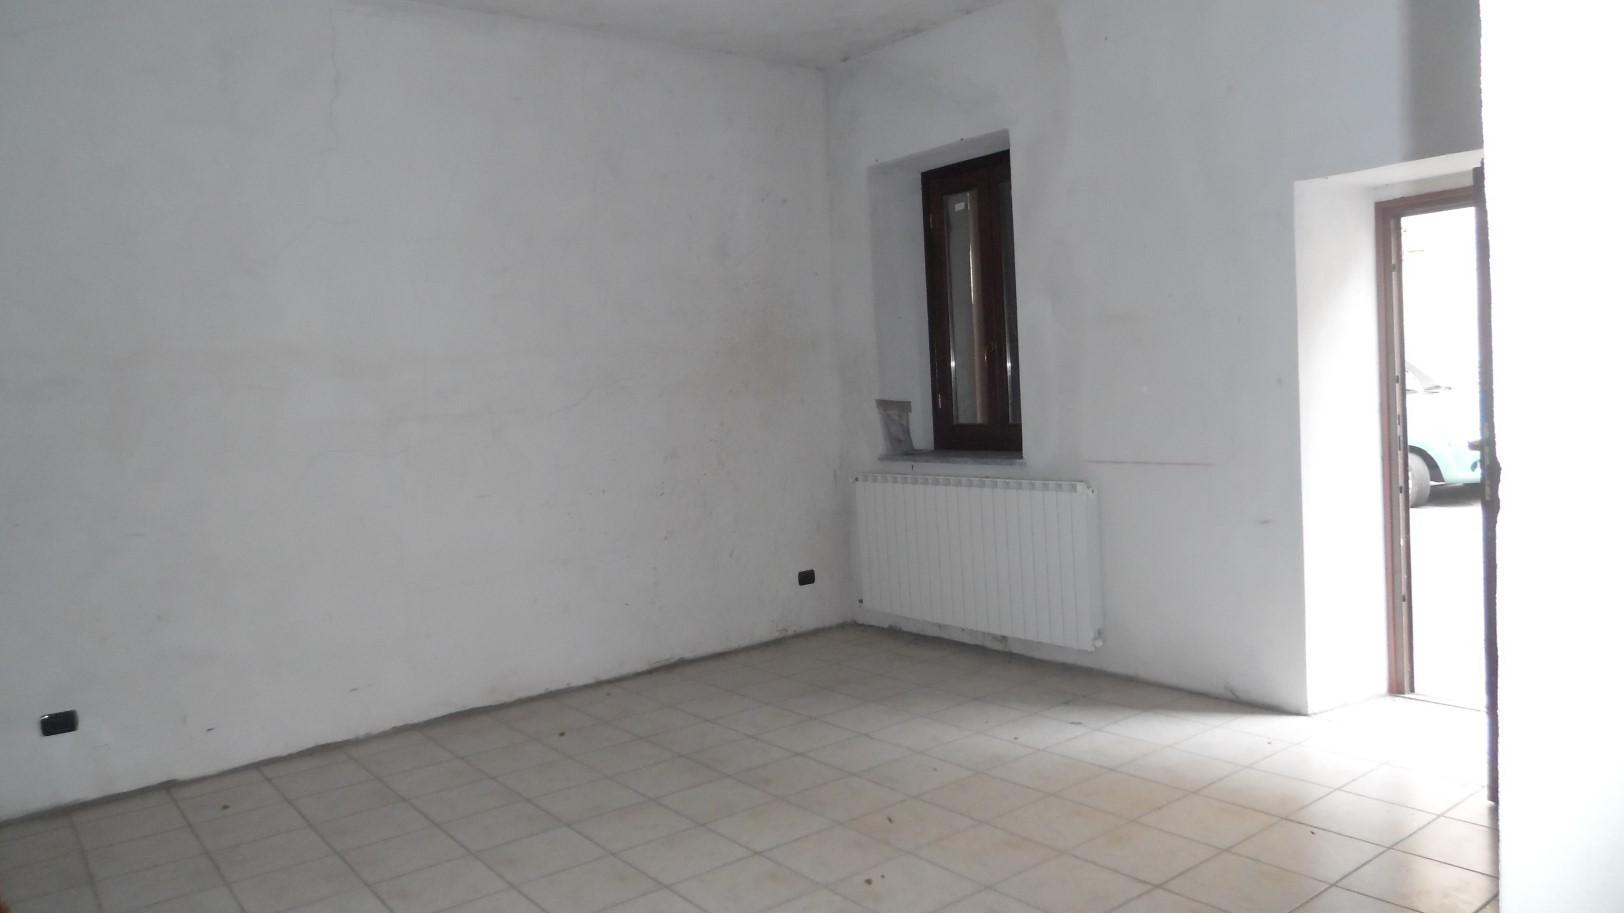 Appartamento bilocale in vendita ghemme annunci vendita e for Negozi arredamento piemonte